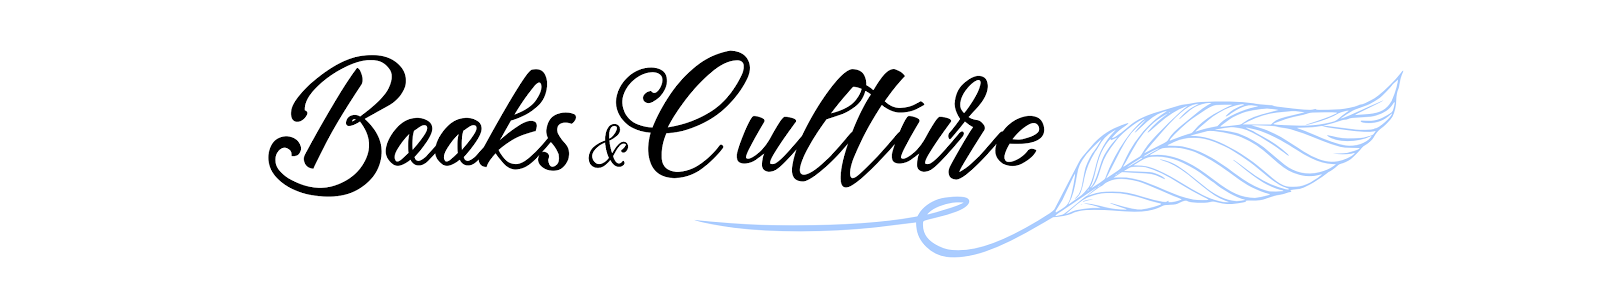 Books&Culture